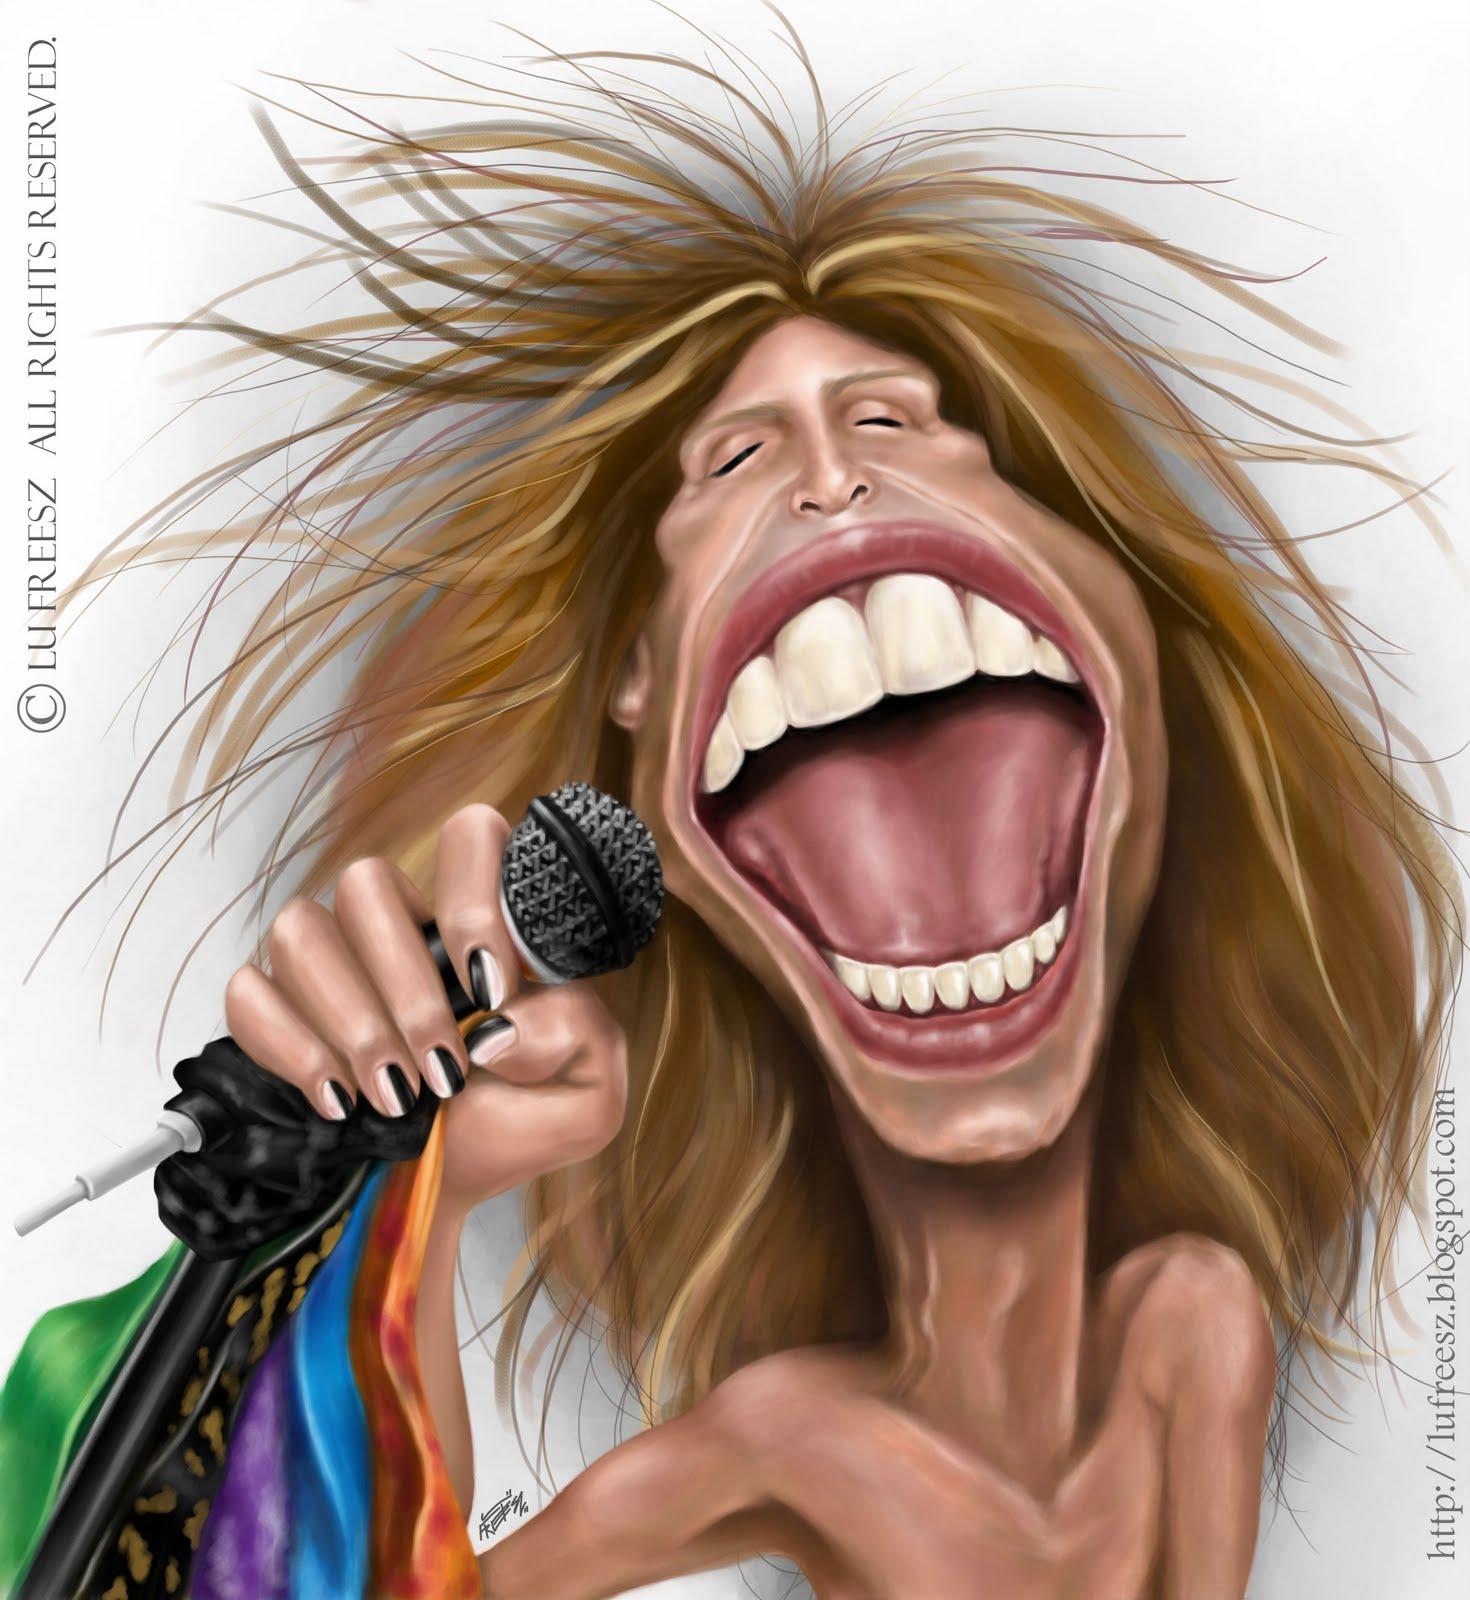 http://1.bp.blogspot.com/-sKqIj0U7Iiw/TWl-kImxr3I/AAAAAAAAAcg/PfVjqNySZFg/s1600/steven%2Btyler%2Bbookface.jpg